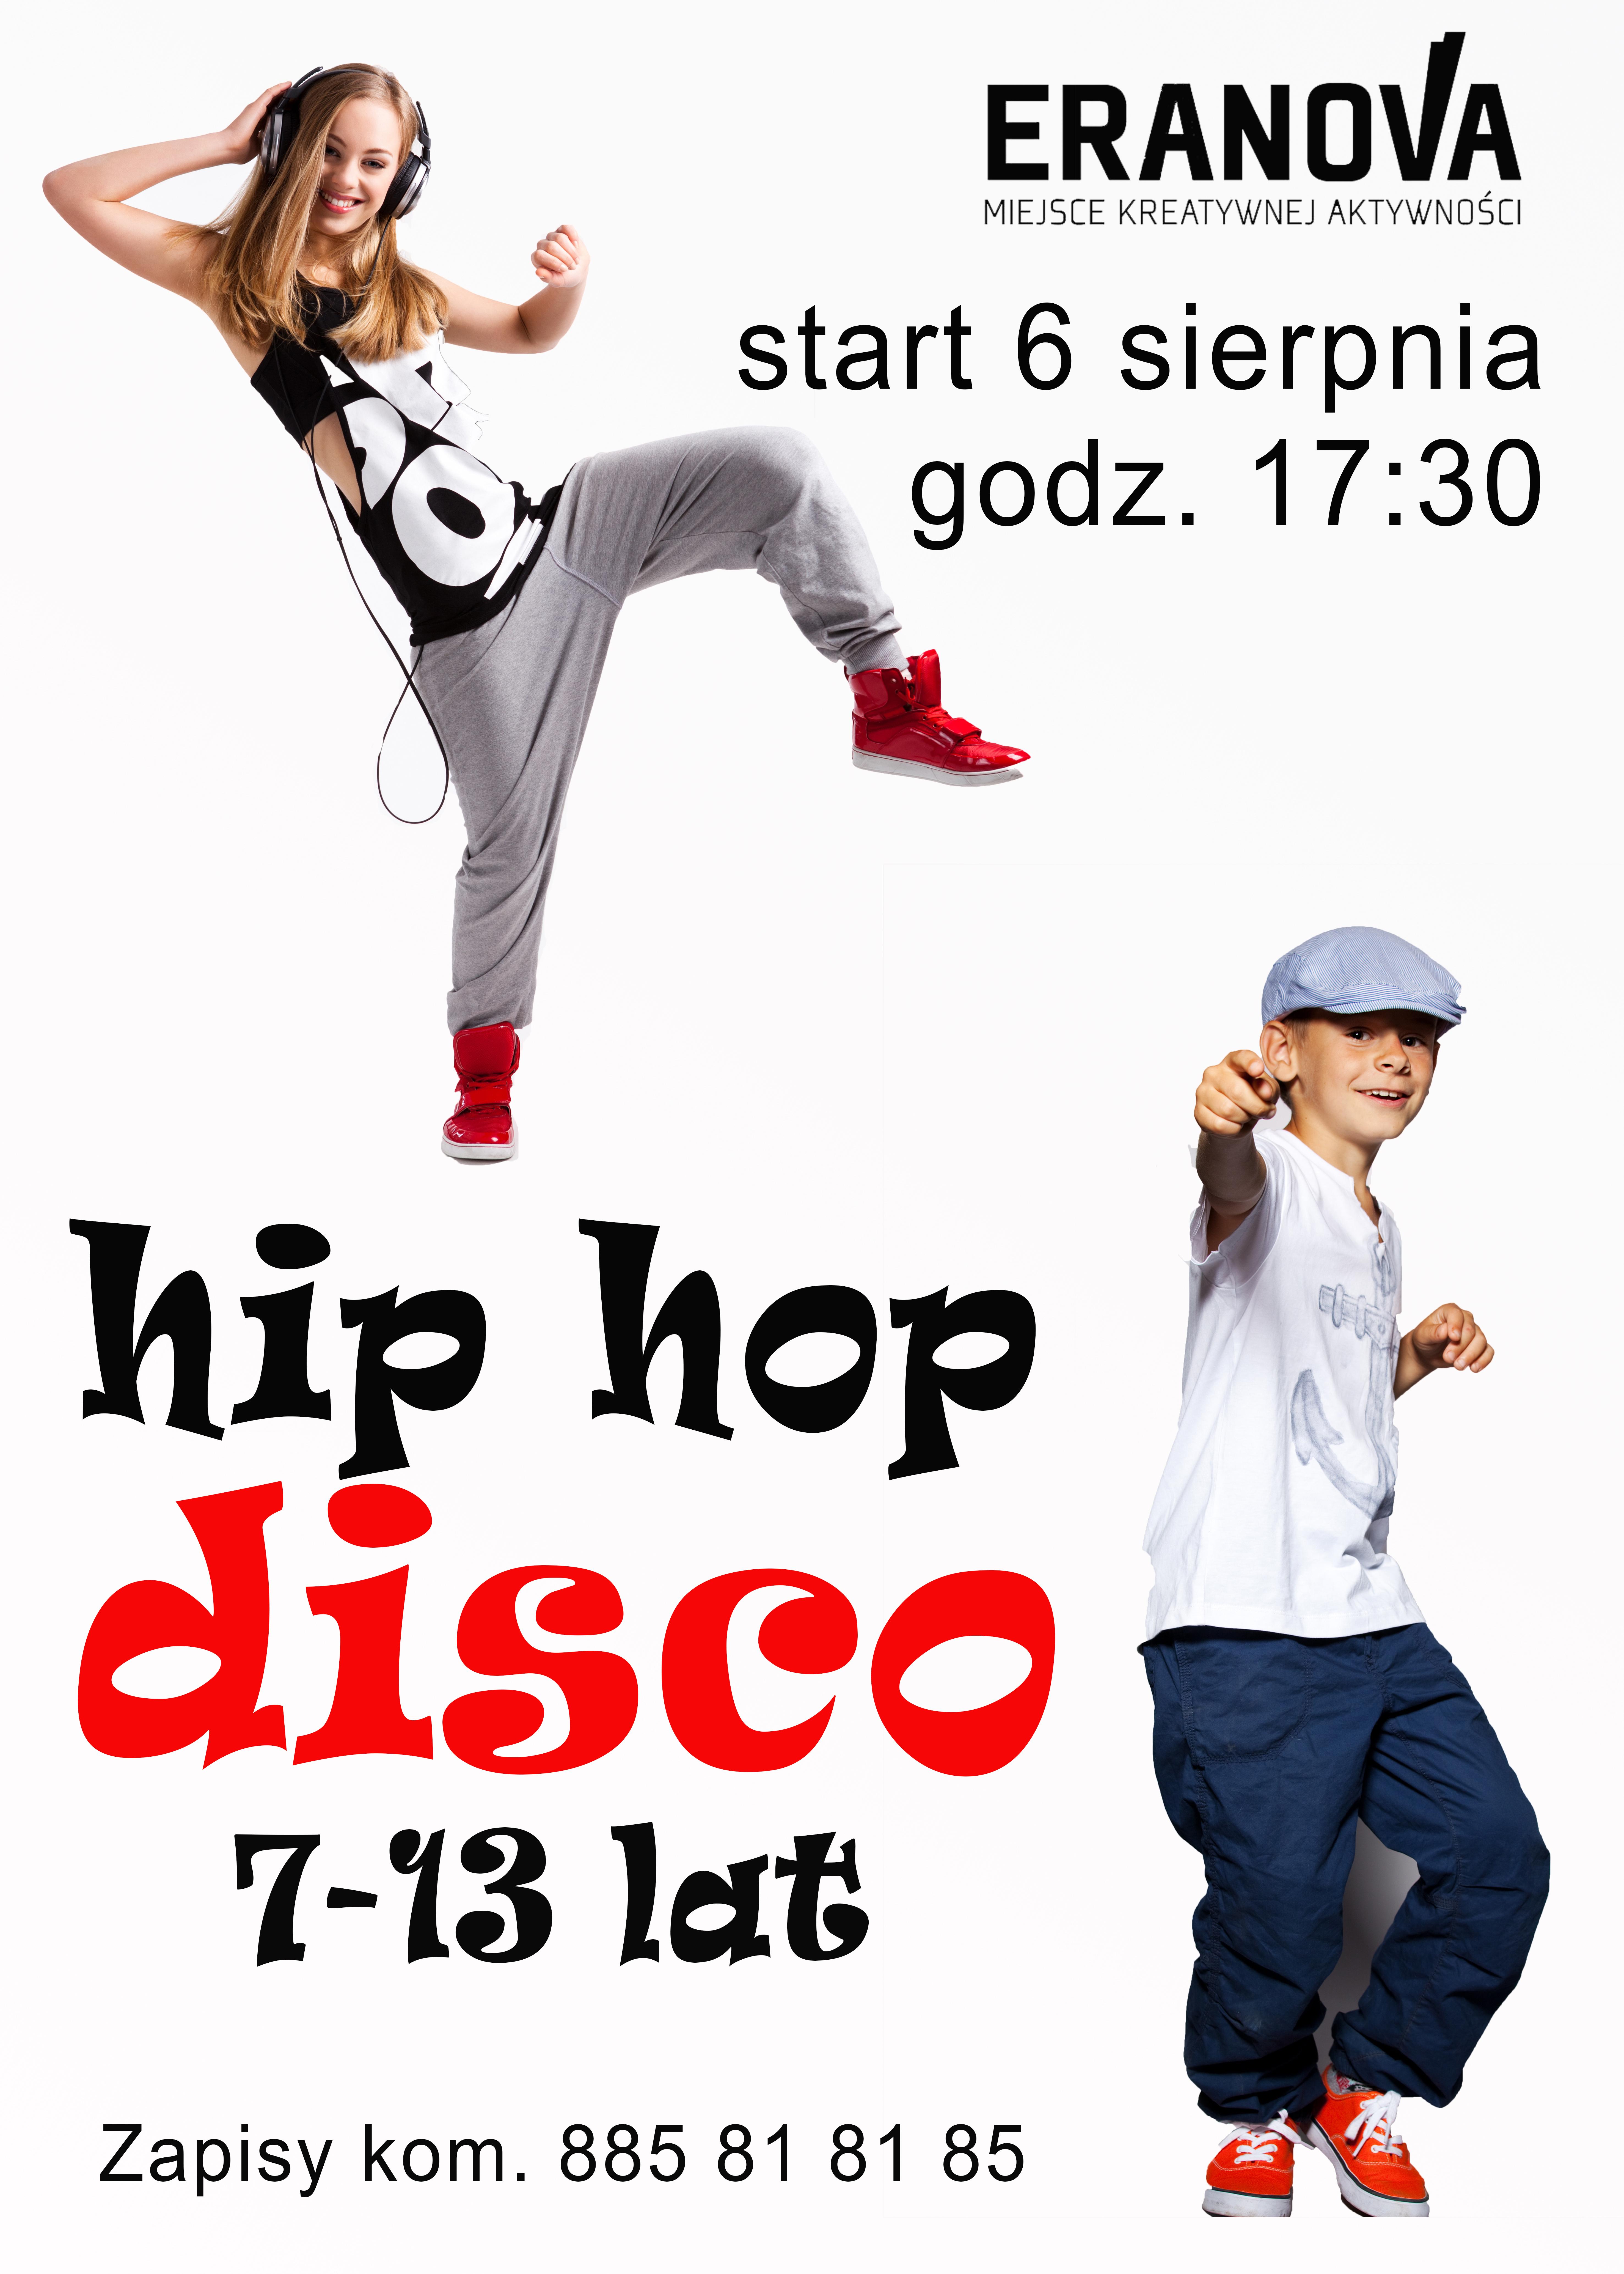 http://m.eranova.pl/2018/07/orig/hip-hop-disco-2650.jpg